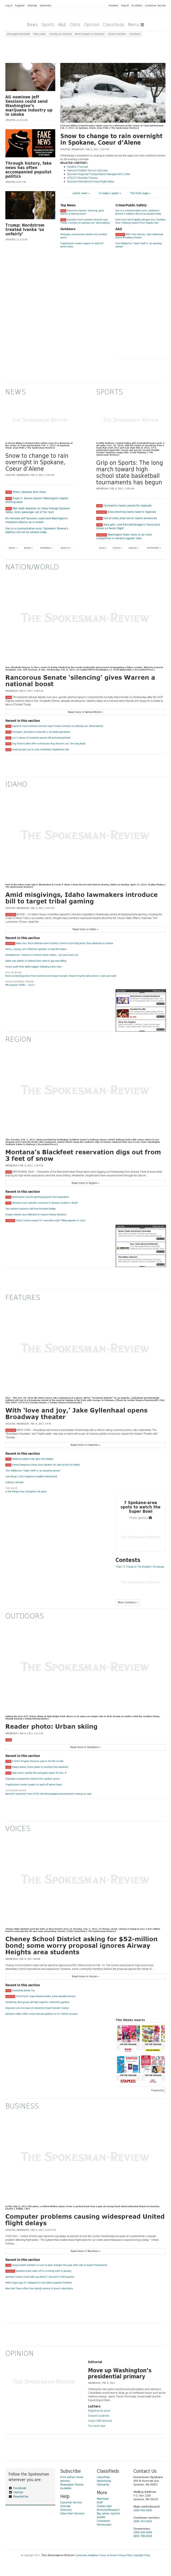 The (Spokane) Spokesman-Review at Thursday Feb. 9, 2017, 12:19 a.m. UTC